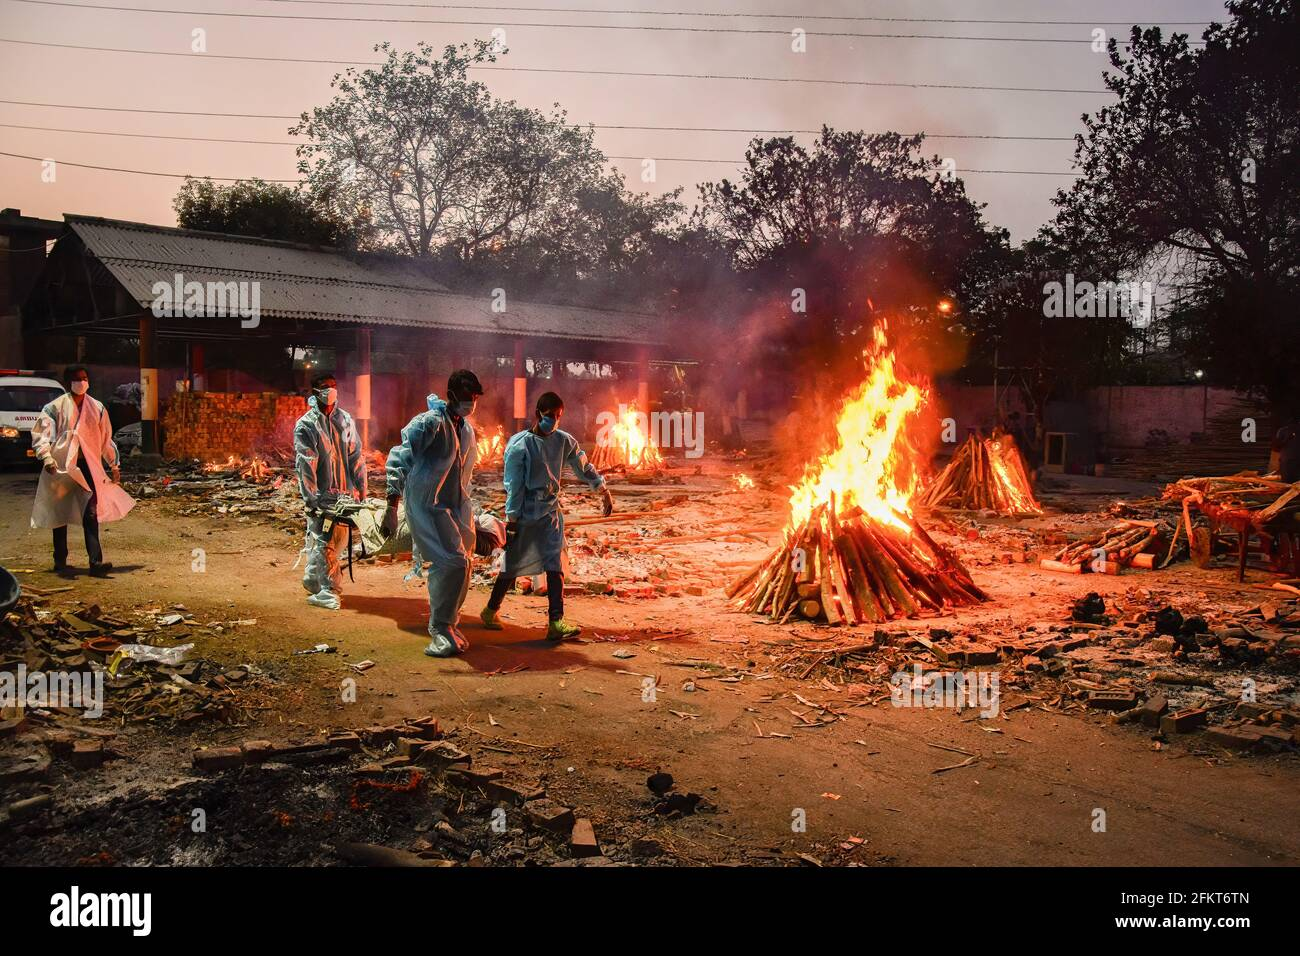 Nuova Delhi, India. 03 maggio 2021. (NOTA REDATTORI: Immagine raffigurante la morte)i lavoratori portano il corpo di una persona che è morto della malattia del coronavirus di Covid-19 come altre pire funerali sono viste bruciare durante una cremazione di massa tenuta ad un crematorio. L'India ha registrato un totale di 19.9 milioni di casi e 219,000 decessi dall'inizio dell'epidemia. Credit: SOPA Images Limited/Alamy Live News Foto Stock